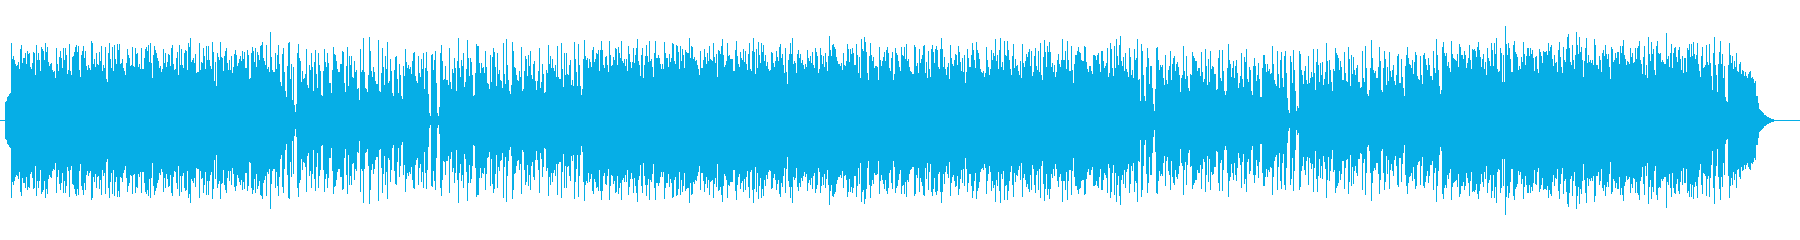 口笛を吹くように楽しいミュージックの再生済みの波形